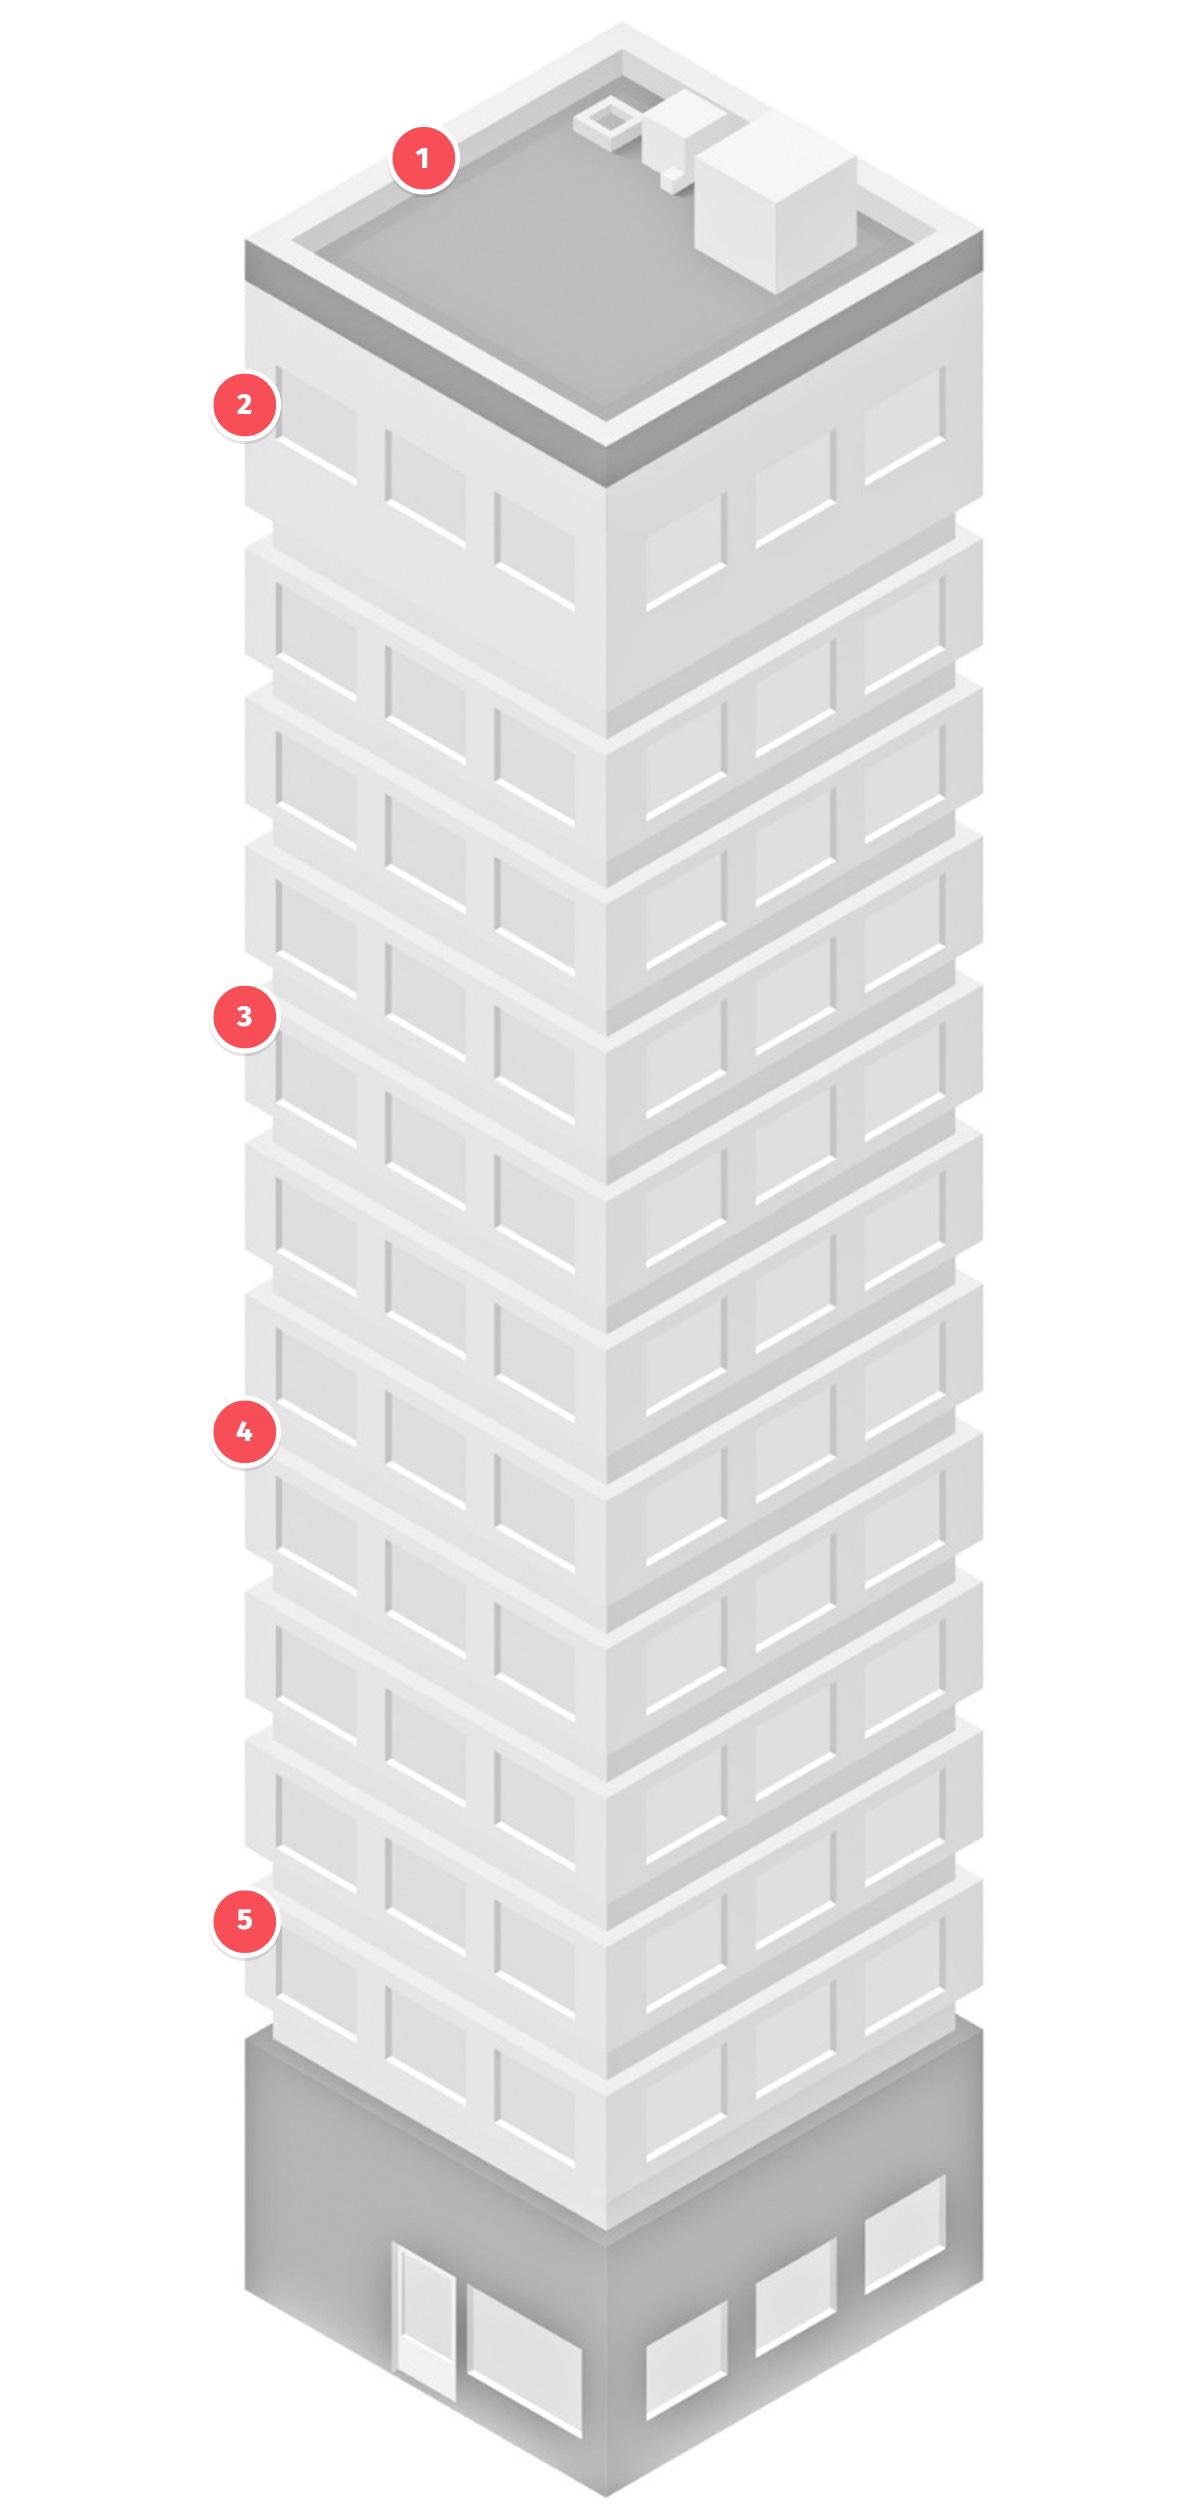 delta-box_applications_aircraft-warning-lights-for-buildings-schema-visuel